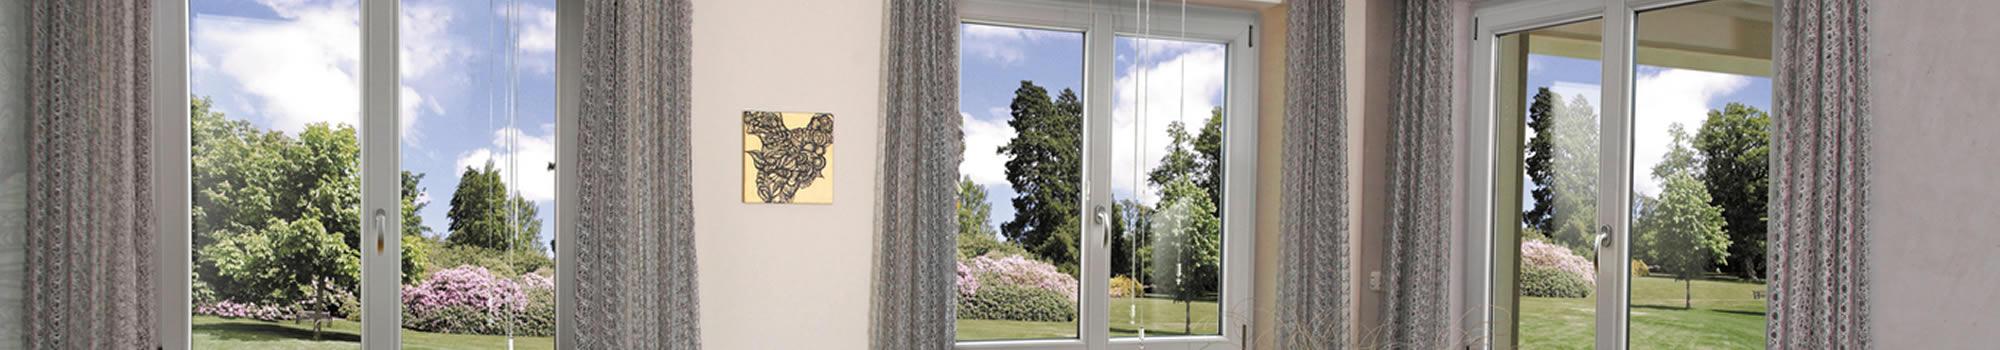 Vente et pose fenêtres PVC menuiserie ADE Metz